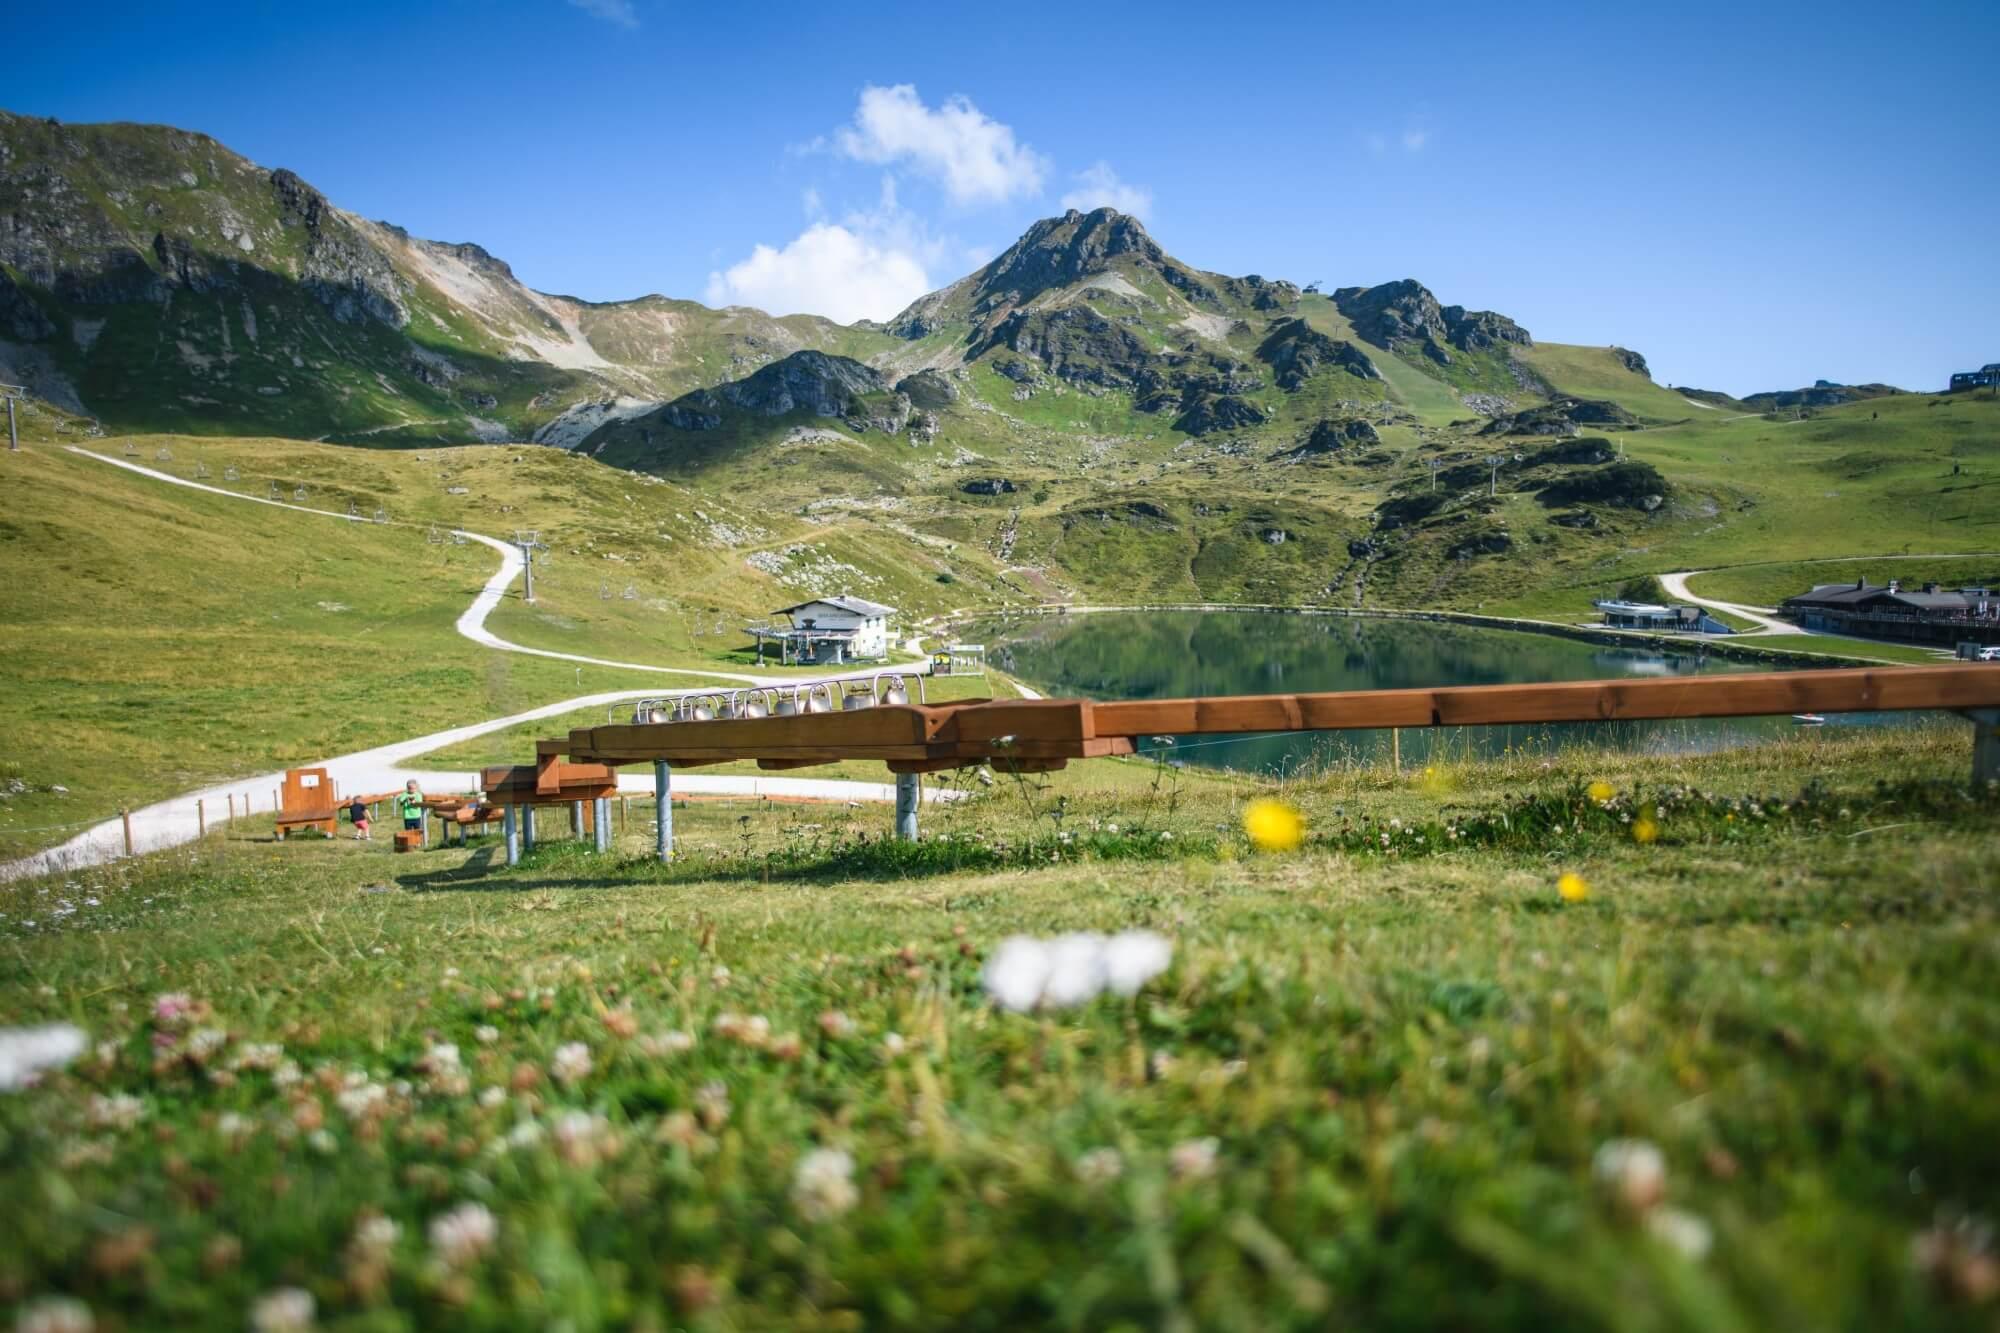 Kugelbahn Obertauern